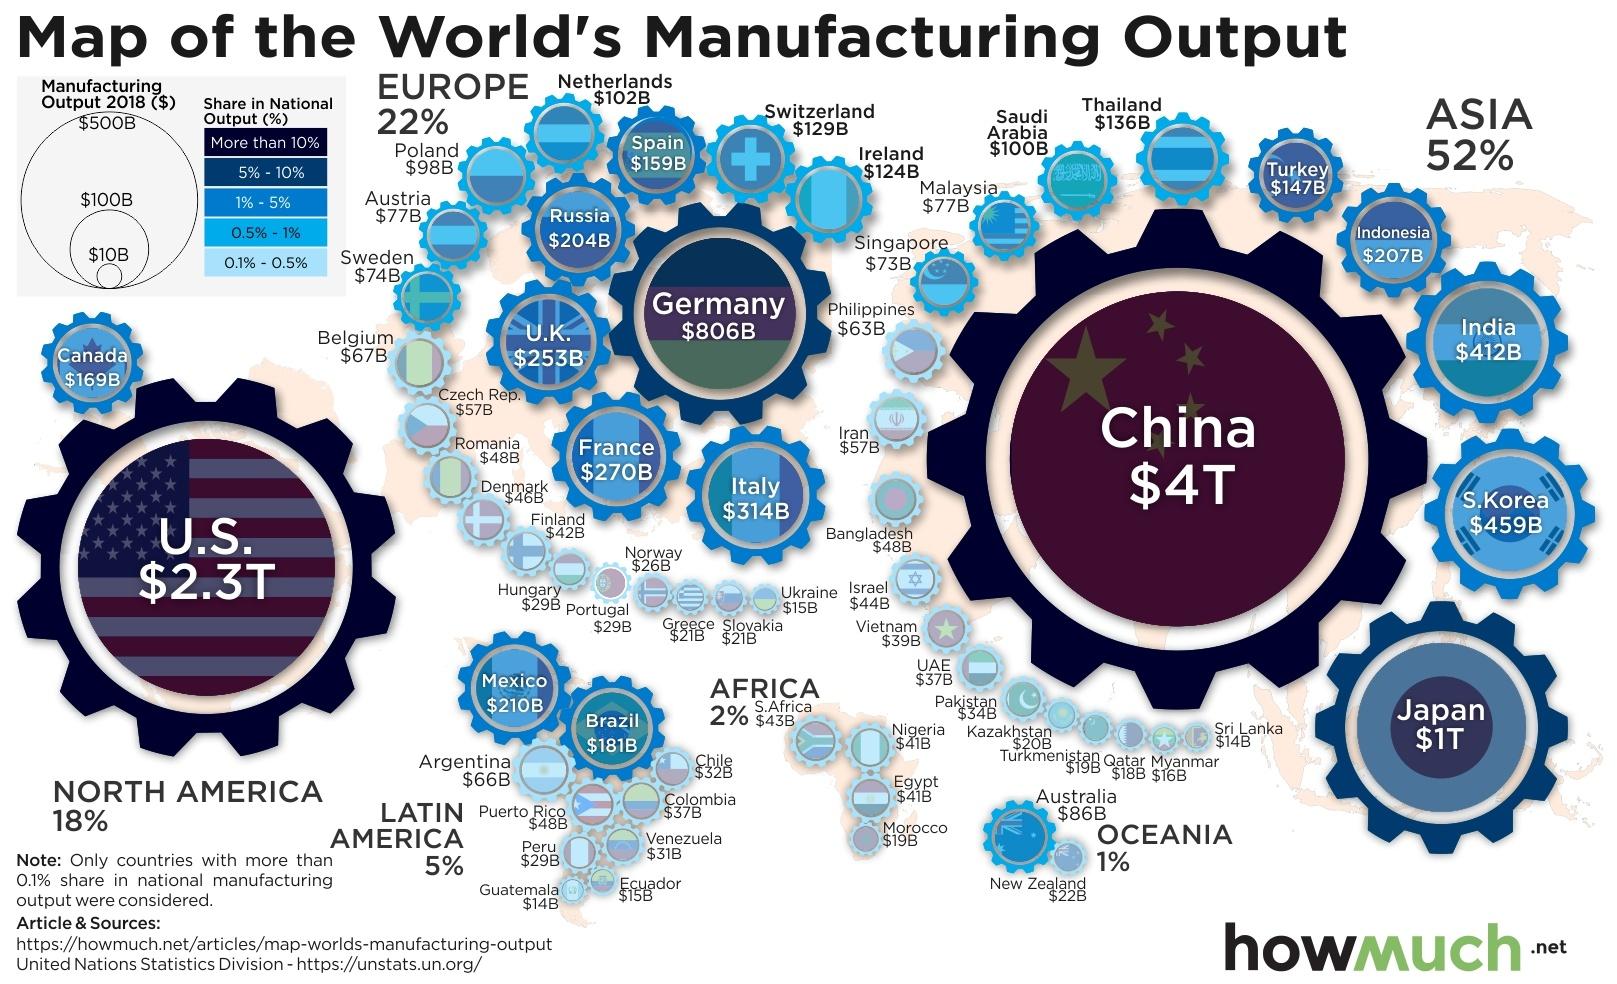 Indonesia, peringkat 5 Asia dalam kapasitas manufacturing | Howmuch.net